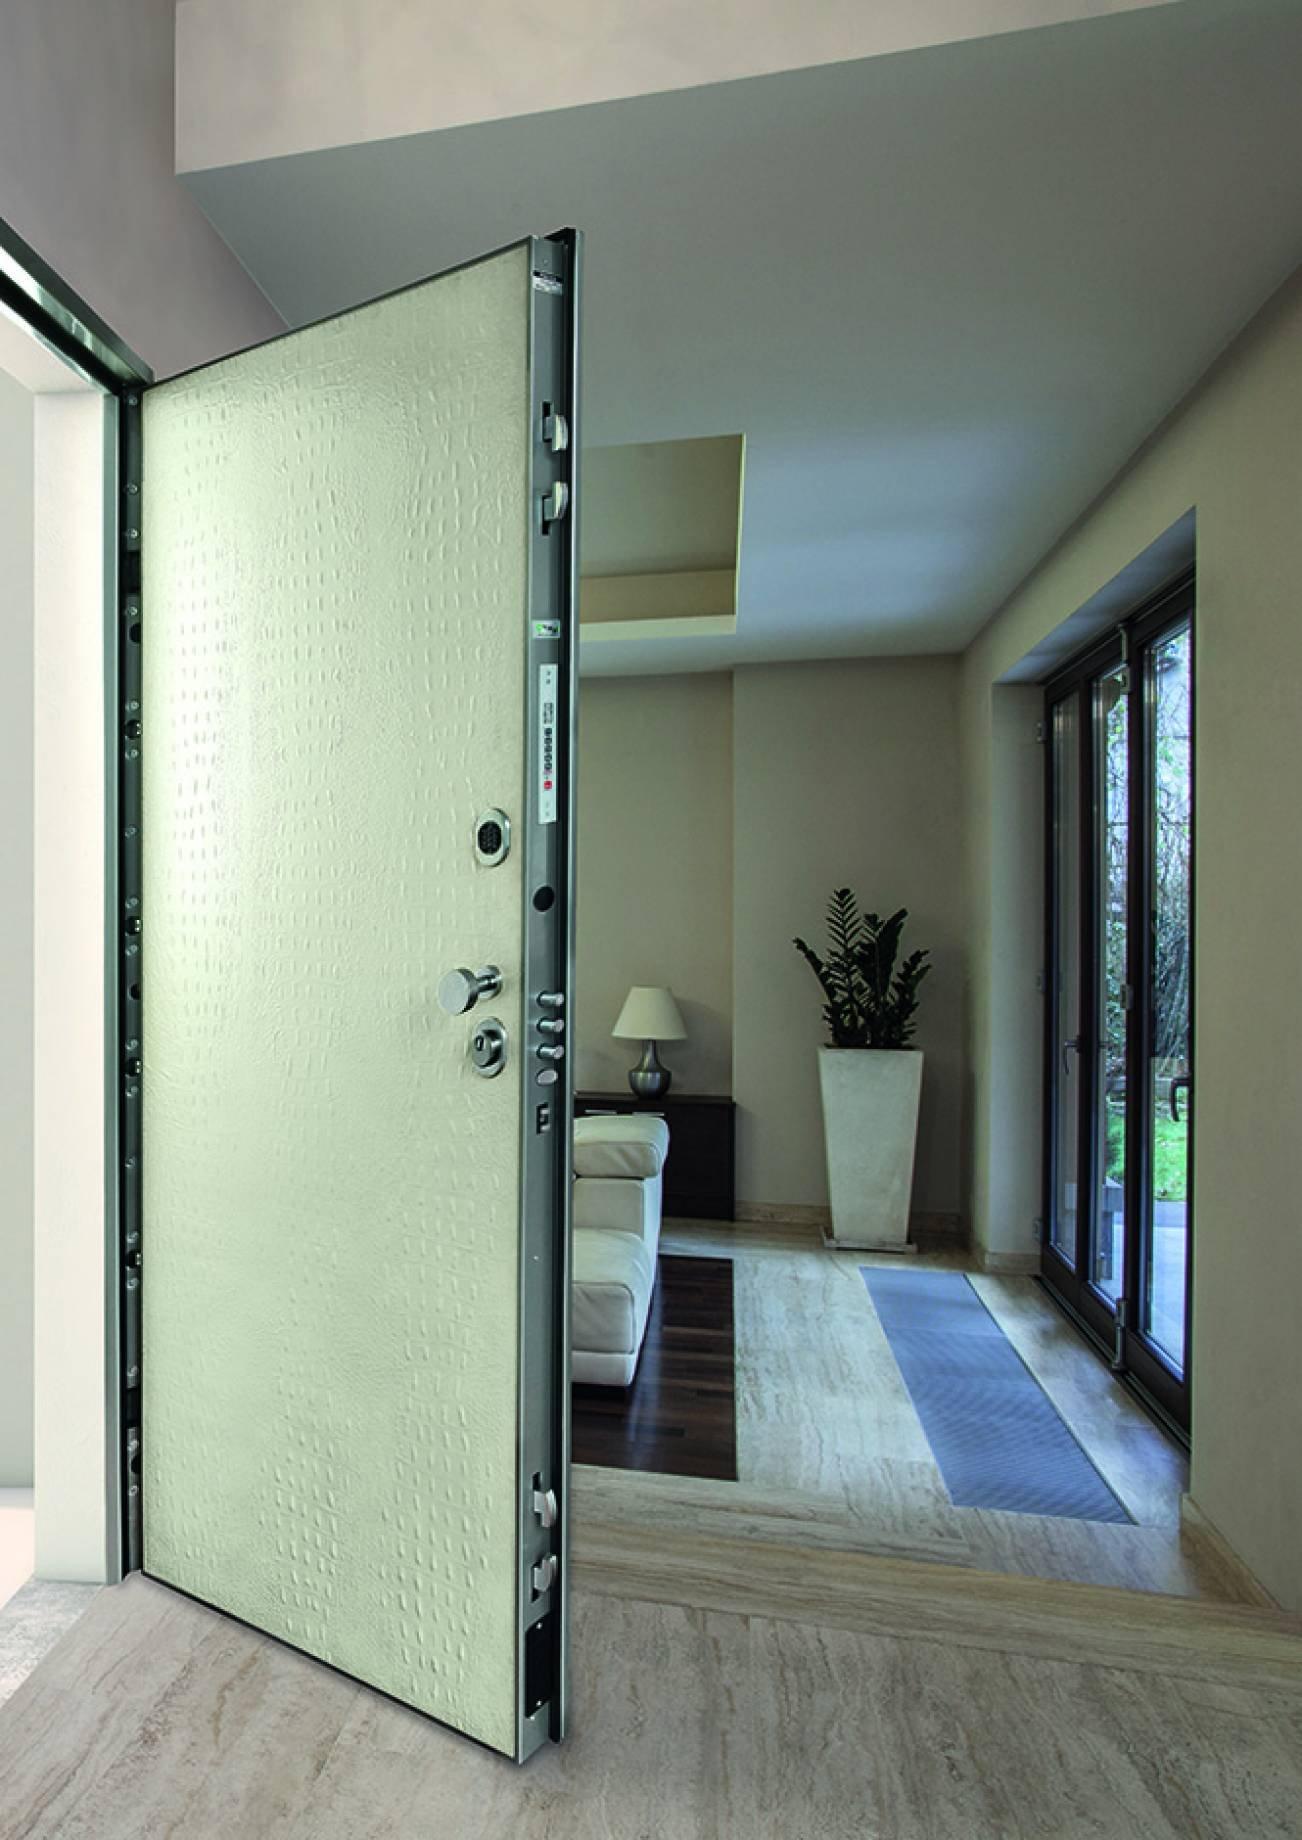 Porta di ingresso guida all 39 acquisto cose di casa - Porte per ingresso casa ...